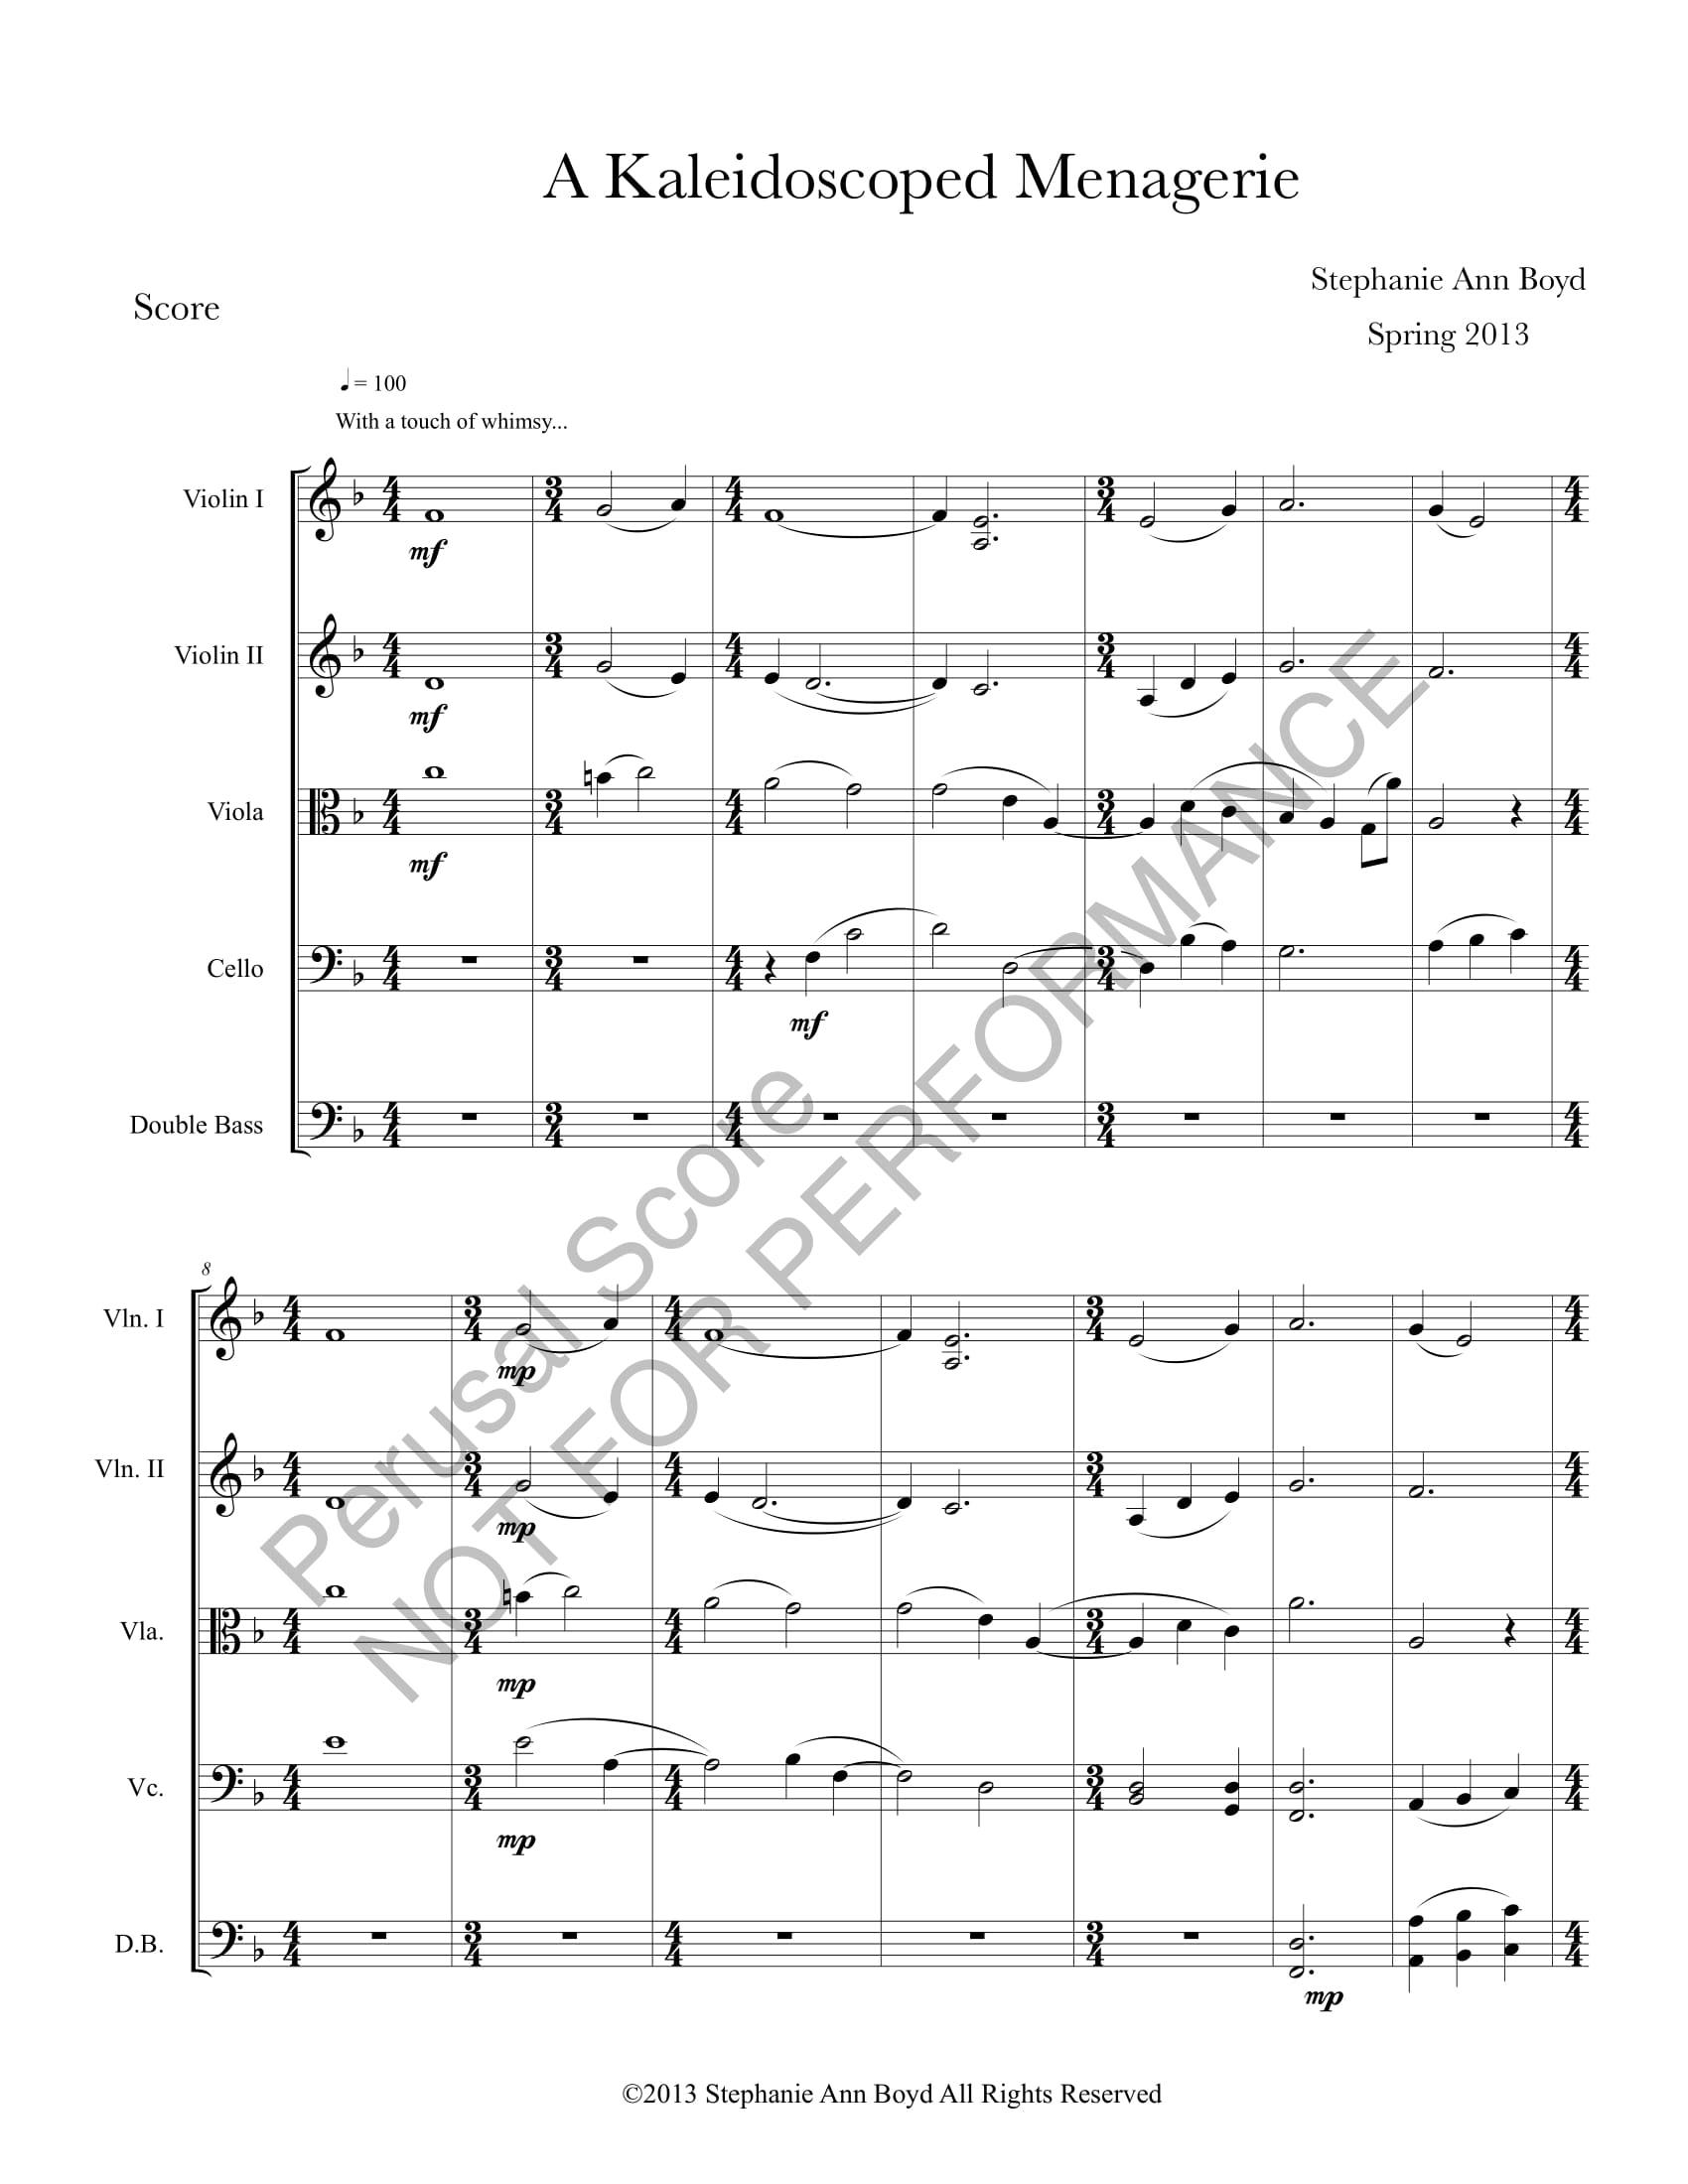 Boyd A Kaleidoscoped Menagerie Score-watermark-07.jpg